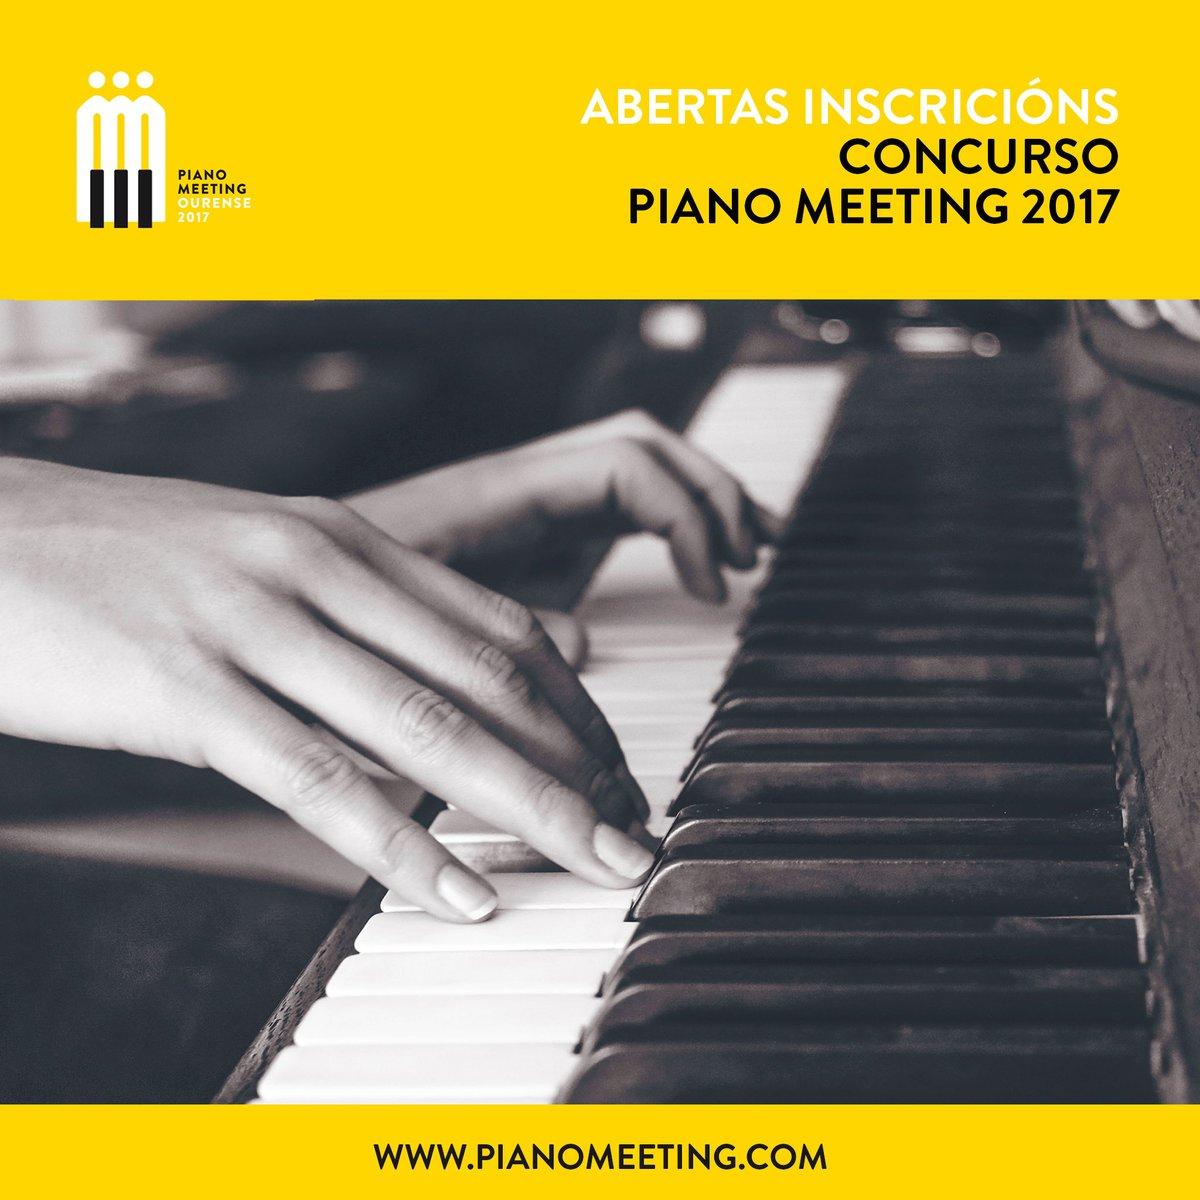 La gran fiesta de la música clásica